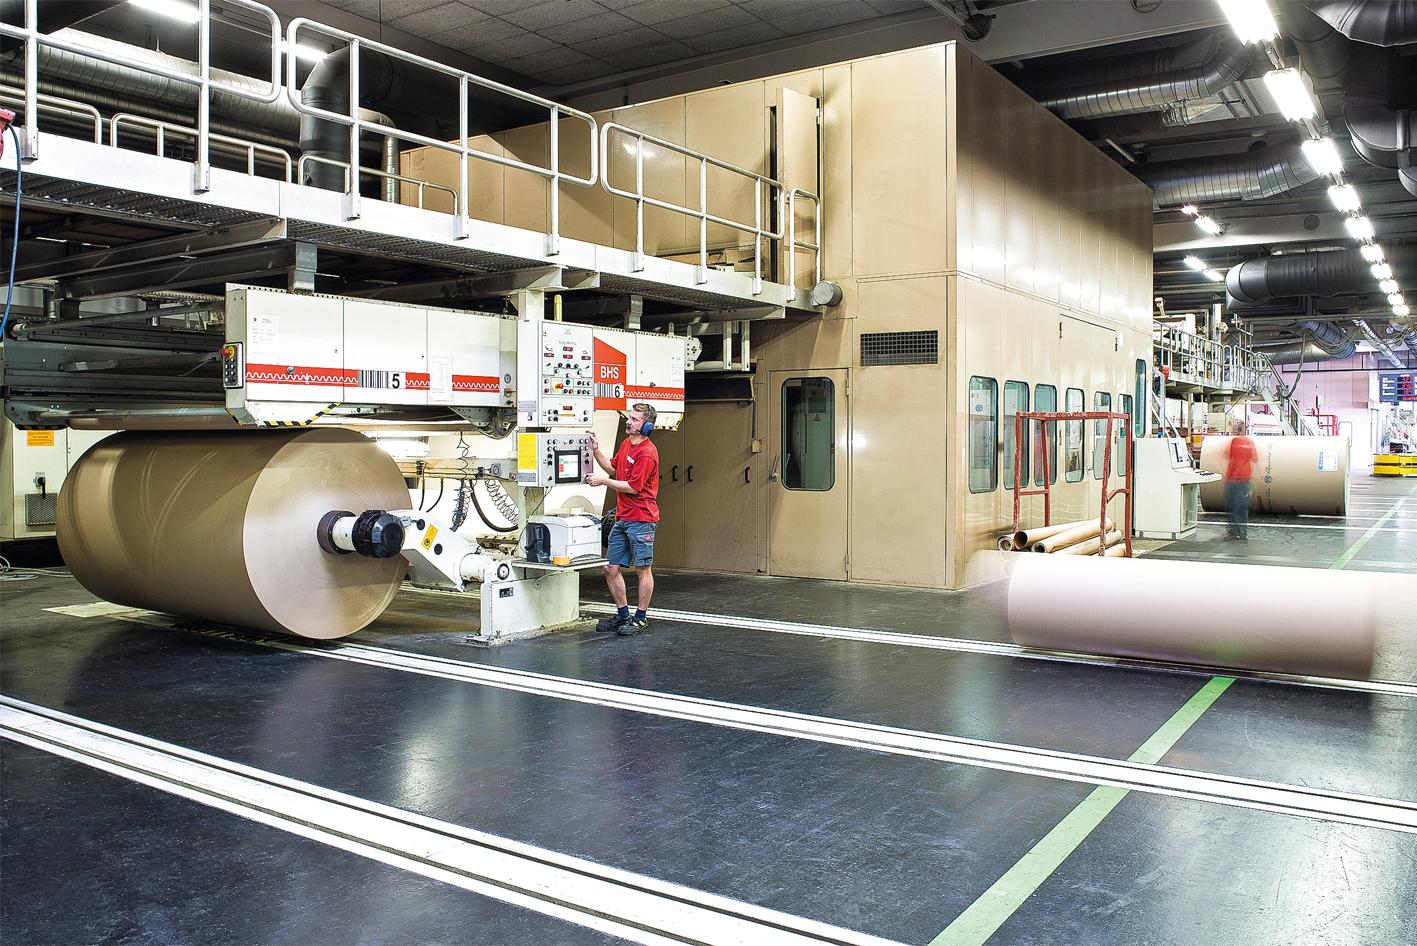 25 Prozent der Rondo-Papierproduktion werden im benachbarten Wellpappewerk zu qualitativ hochwertigen Verpackungen verarbeitet.